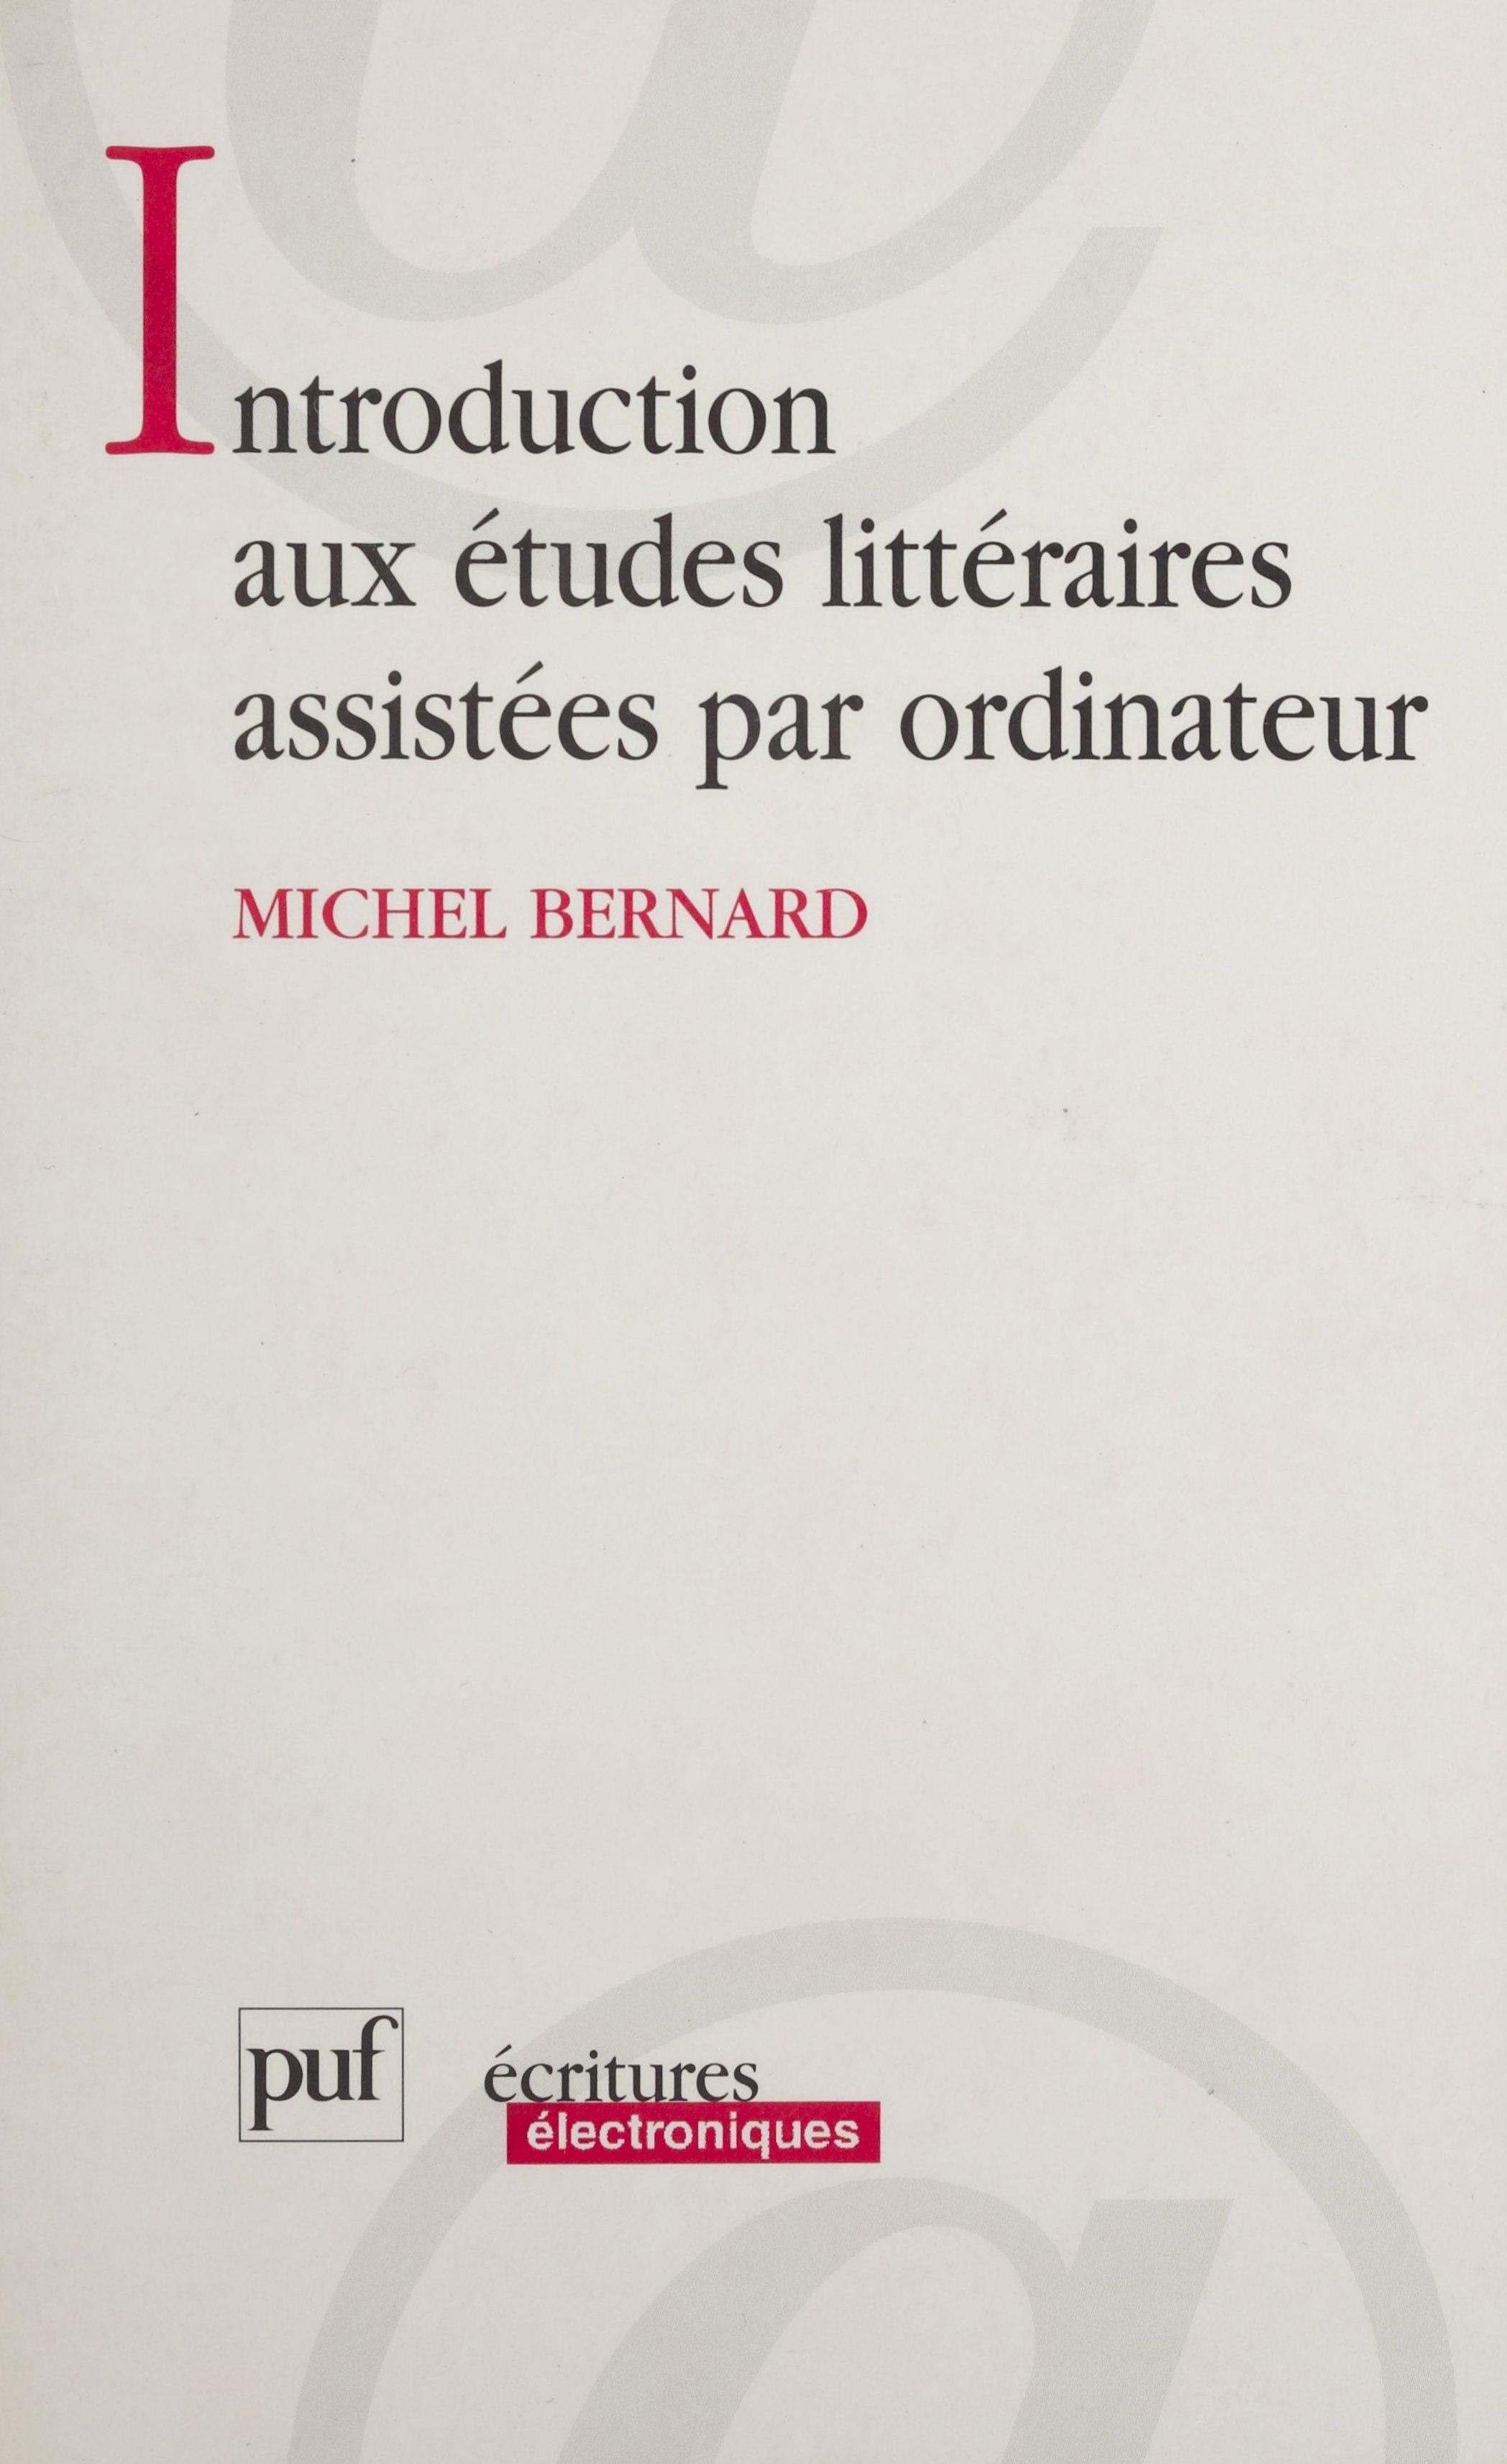 Introduction aux études littéraires assistées par ordinateur